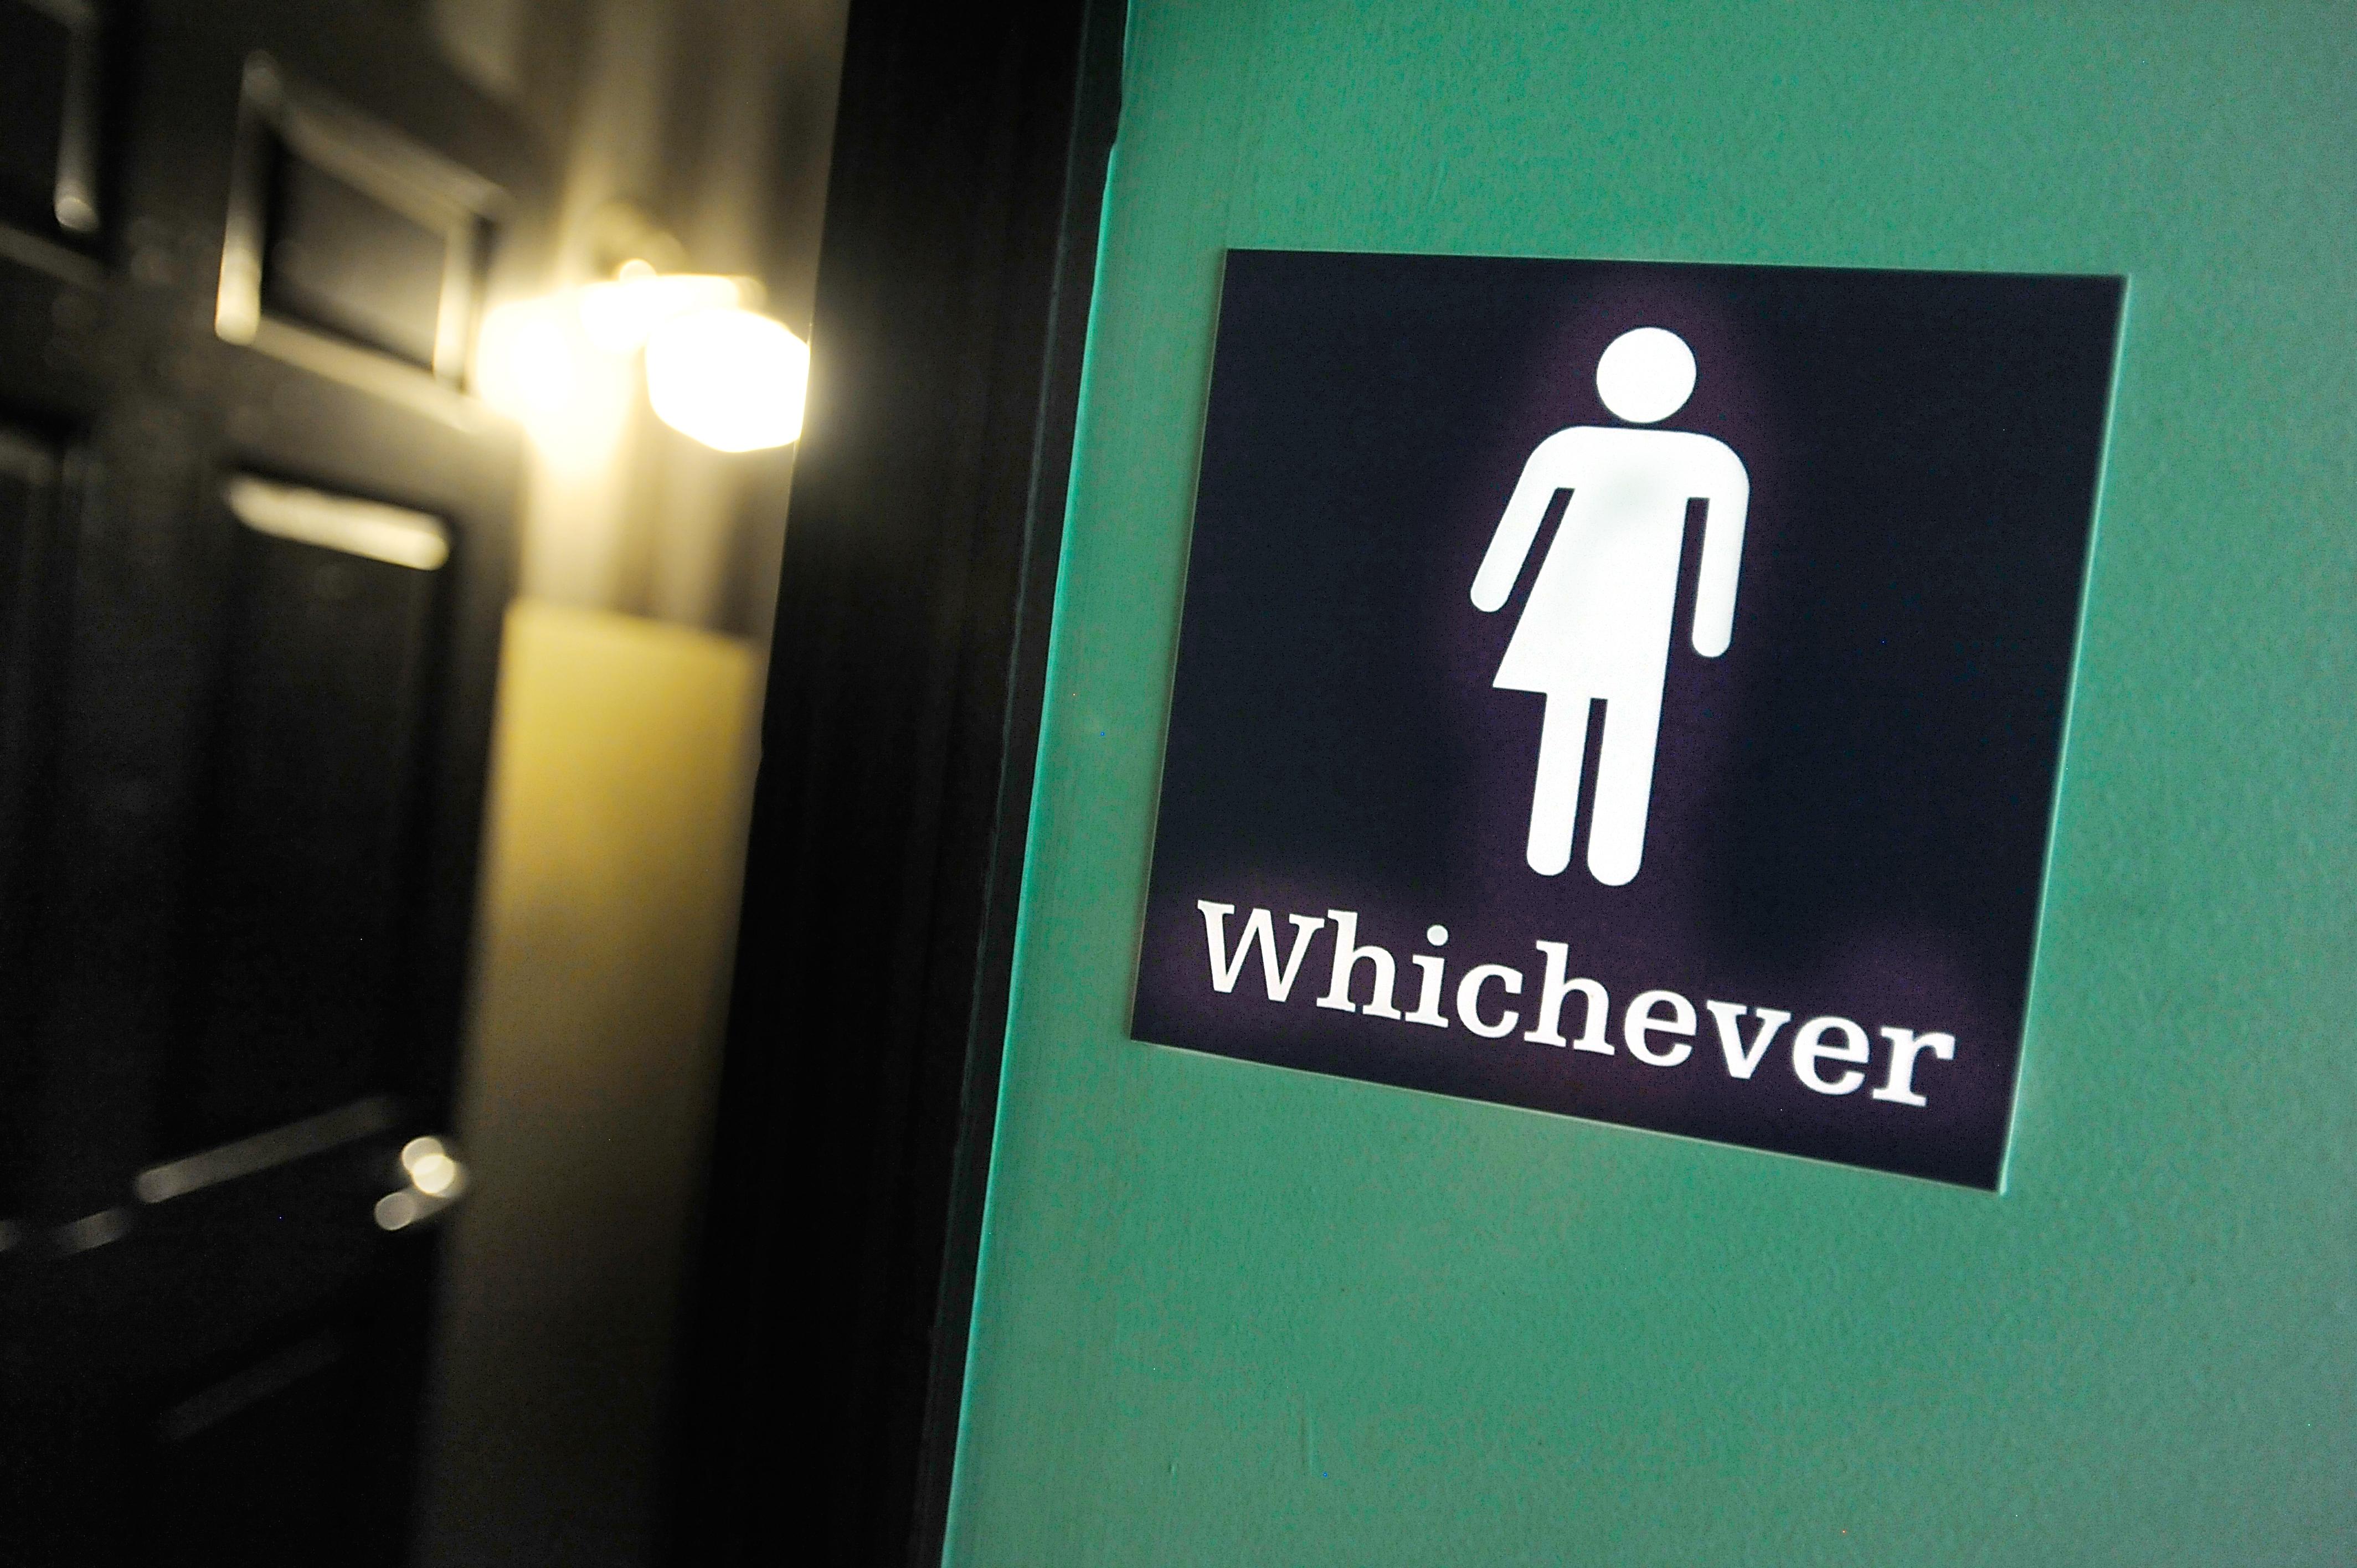 Las batallas por los sanitarios públicos: ¿Por qué hay gente que no quiere a personas trans en los baños?